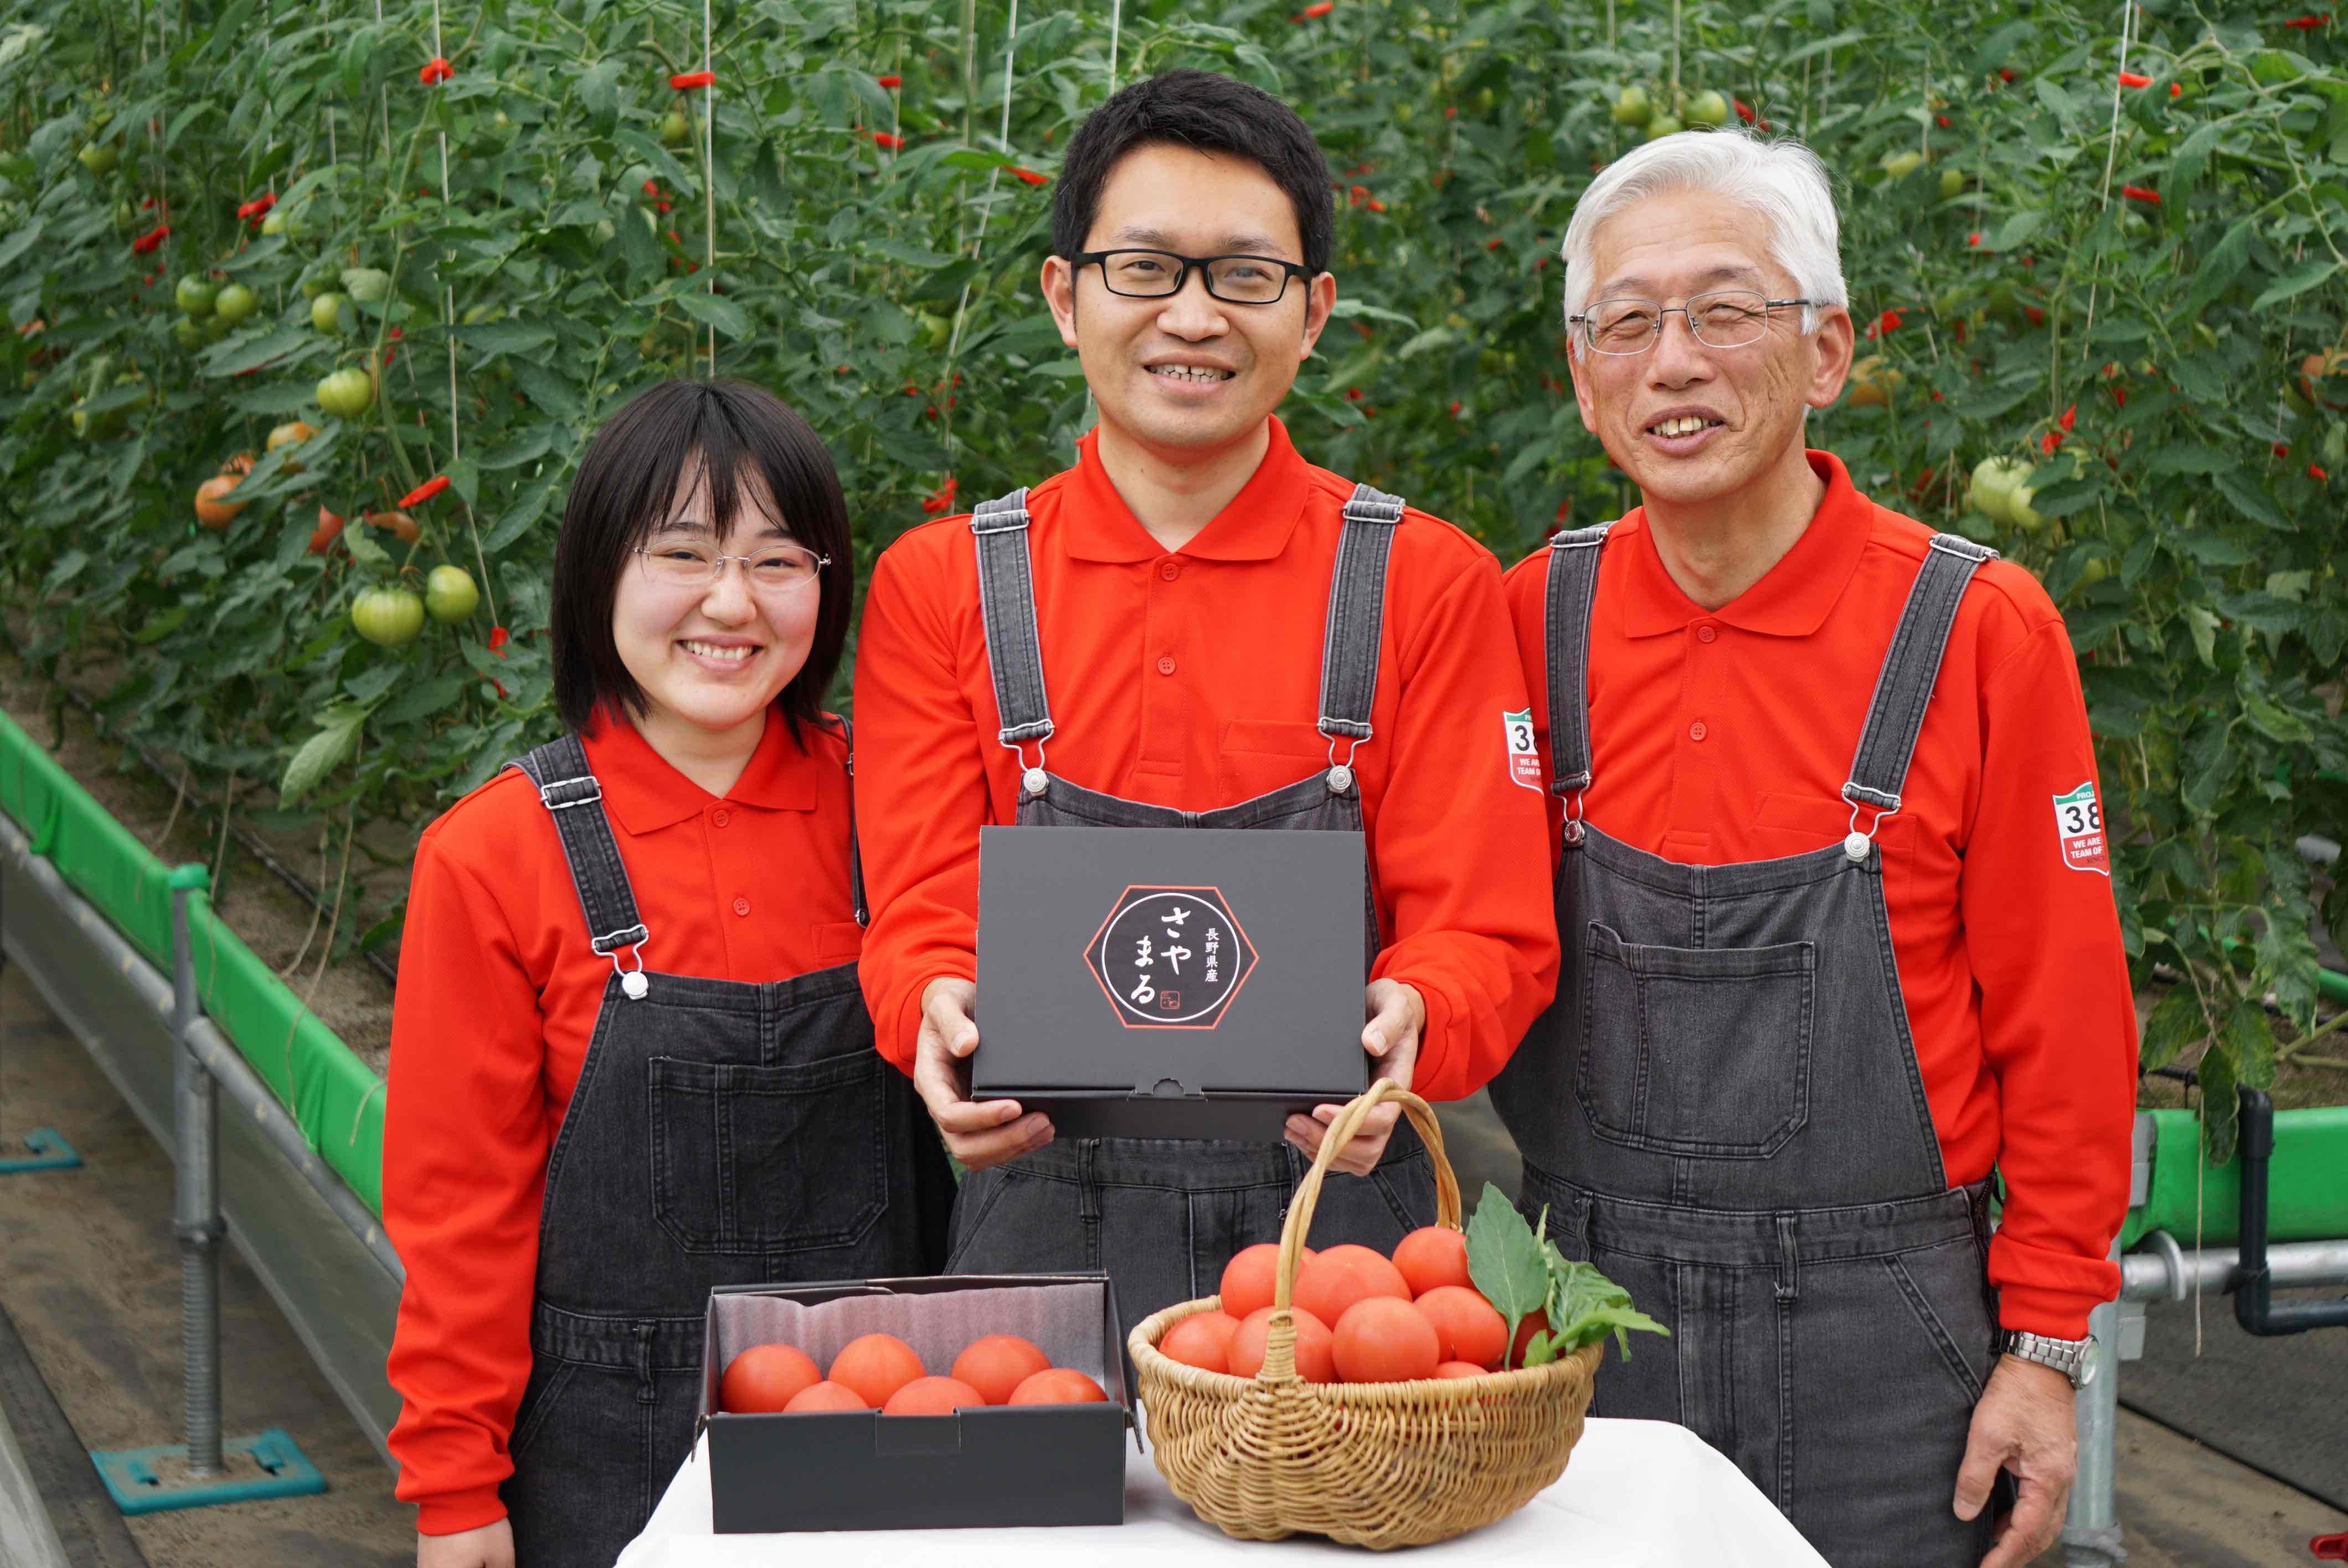 日本郵便の新規事業は「トマト」!?――ゼロからトマト栽培に挑むイントレプレナーの奮闘に迫る|eiiconlab 事業を活性化するメディア